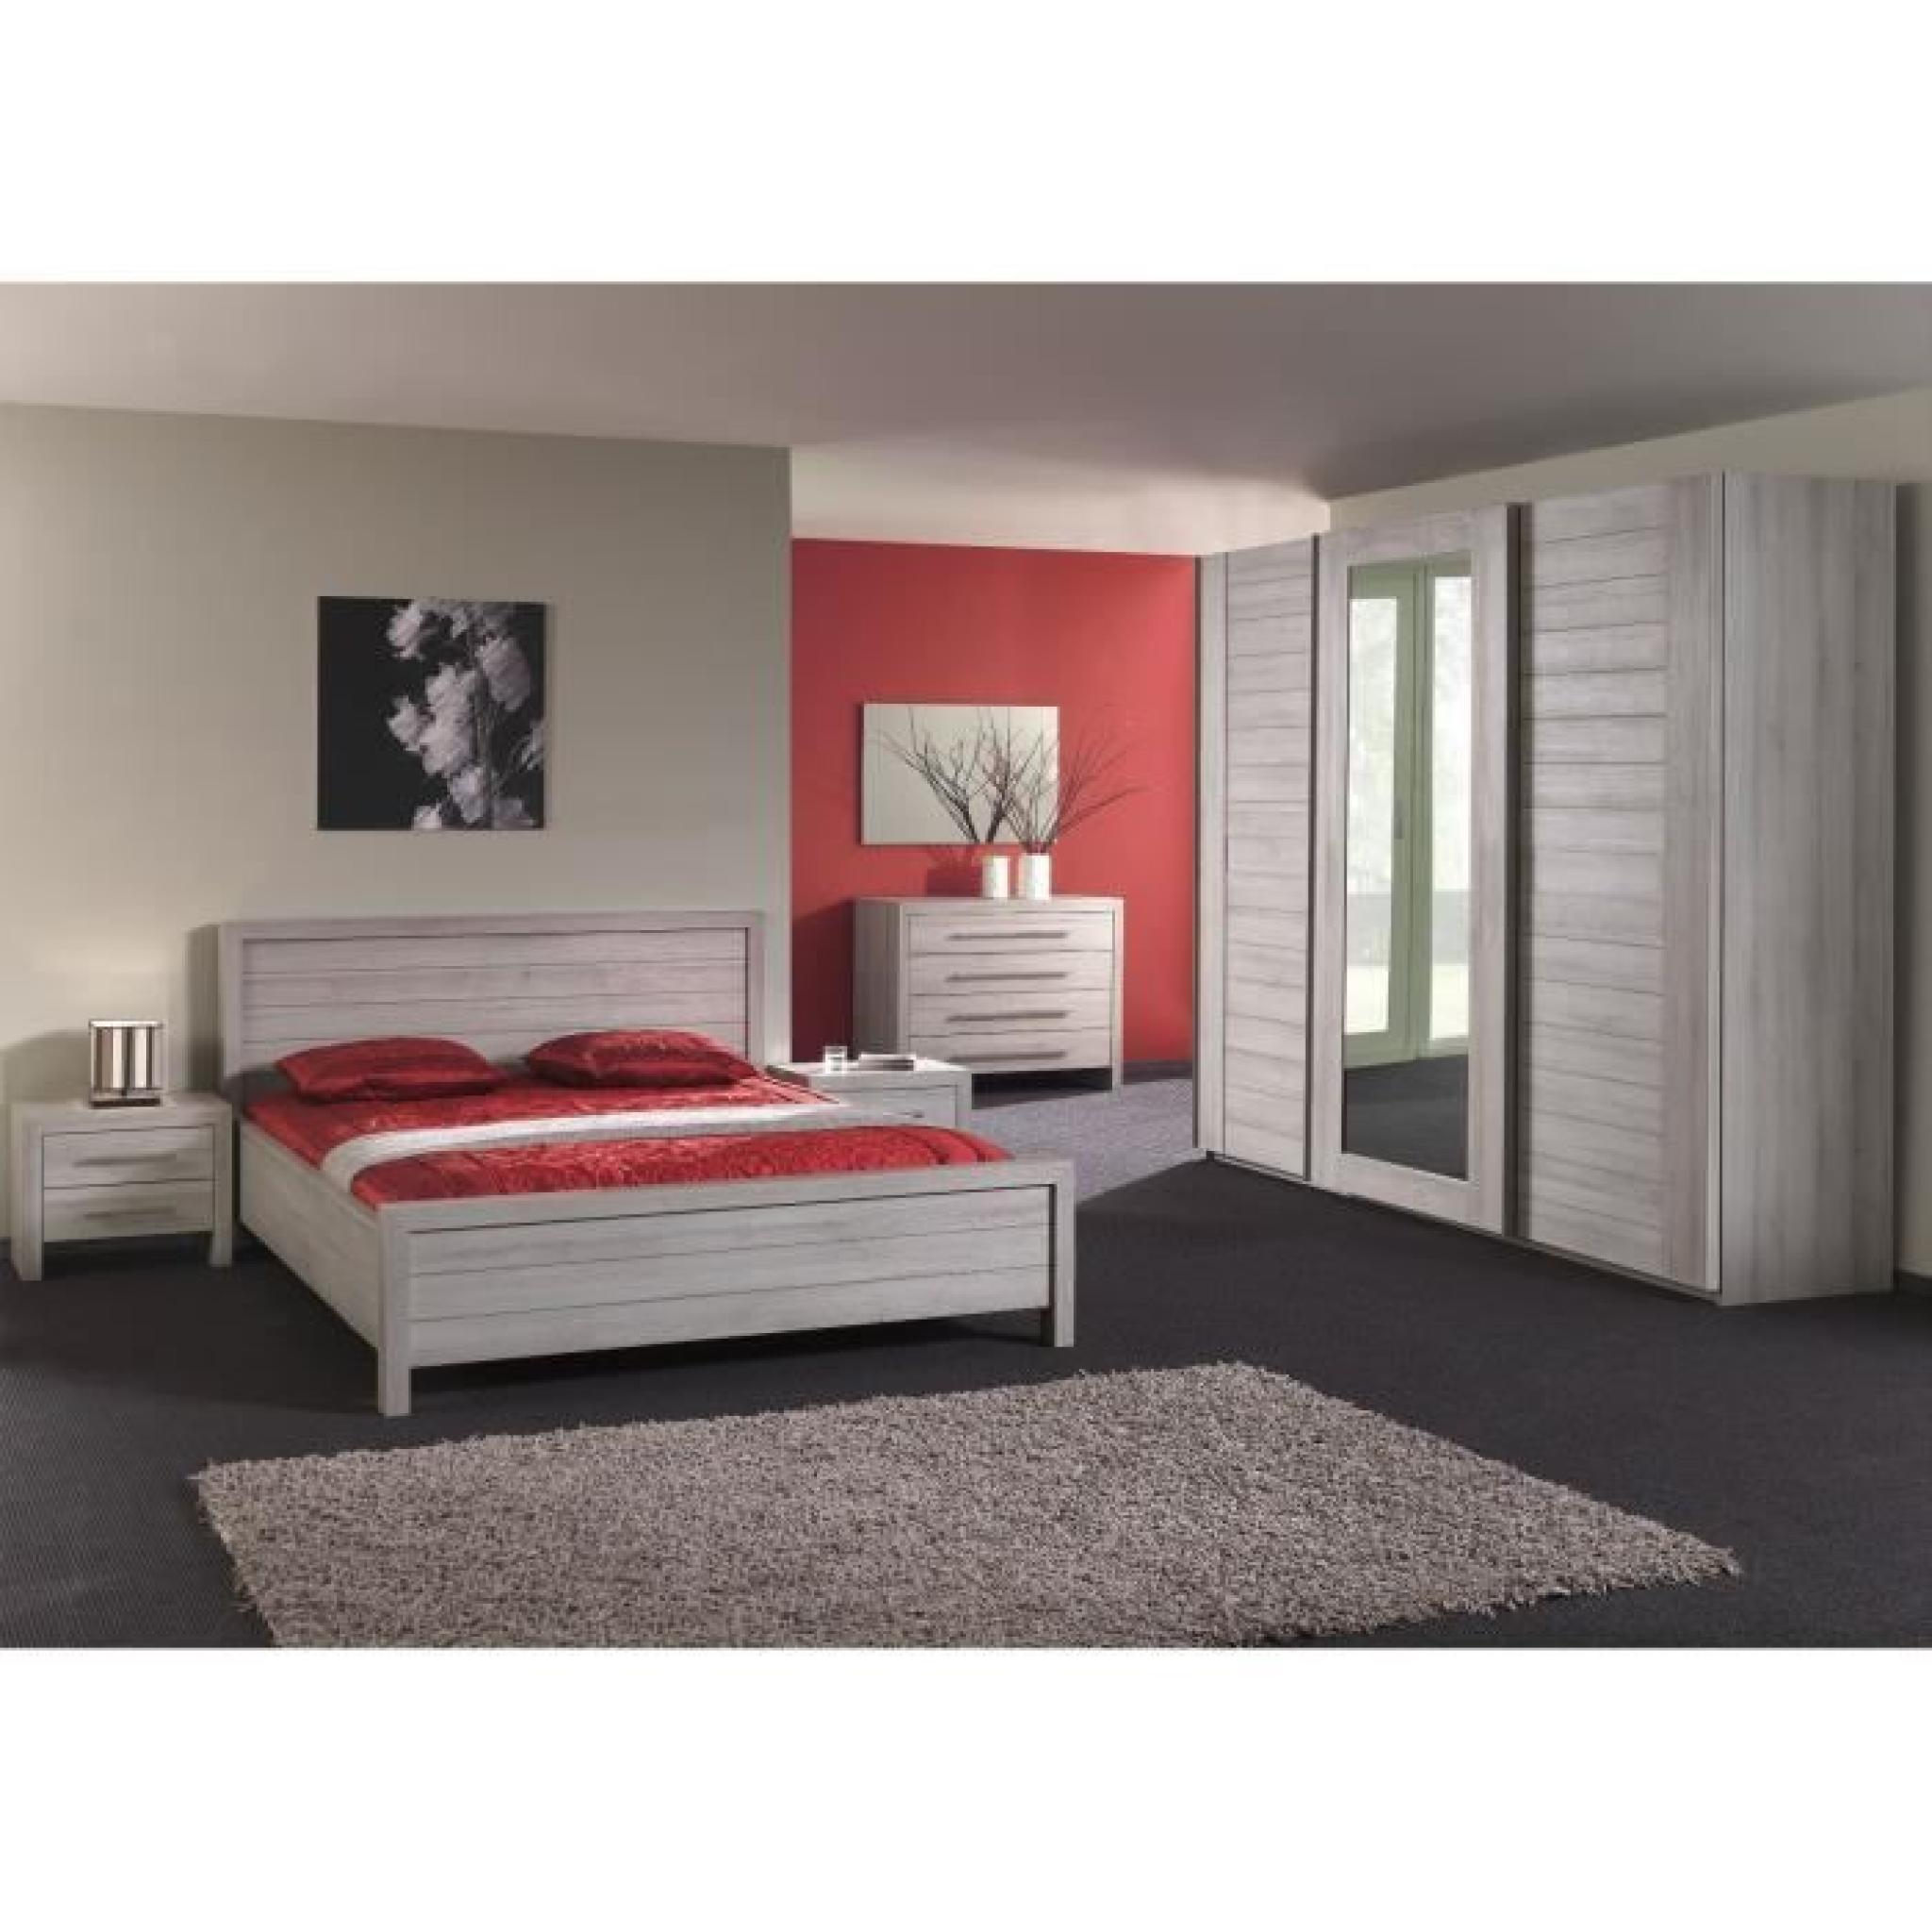 Armoire adulte 280 cm coloris ch ne gris achat vente - Ensemble chambre adulte pas cher ...